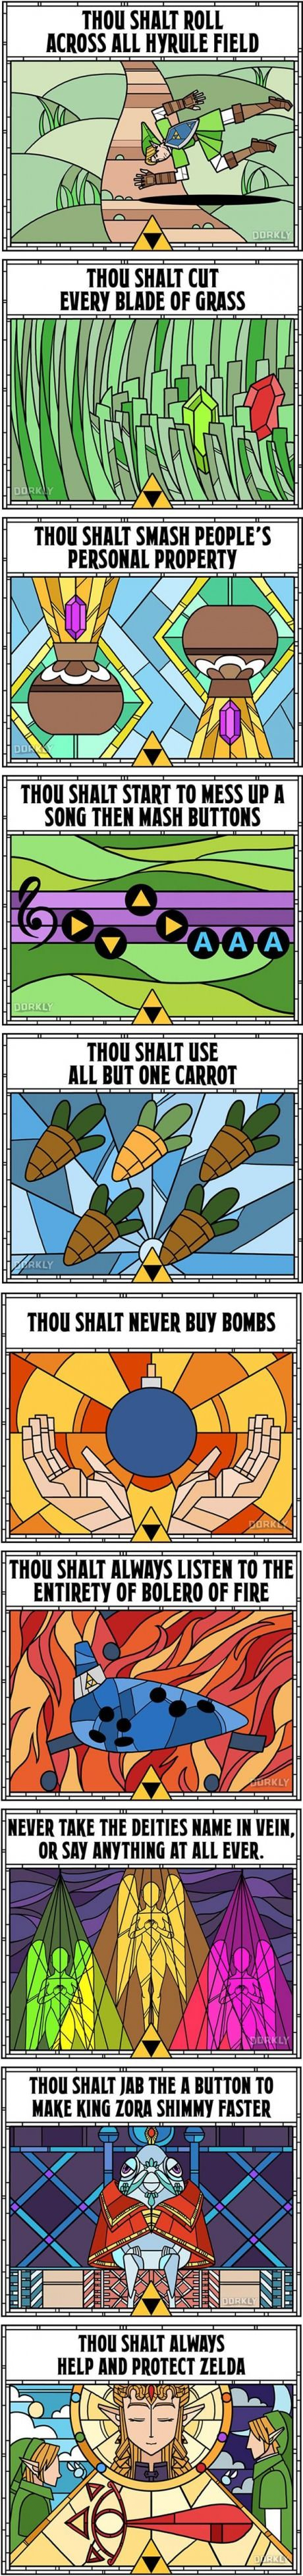 10 Commandments Of Ocarina Of Time